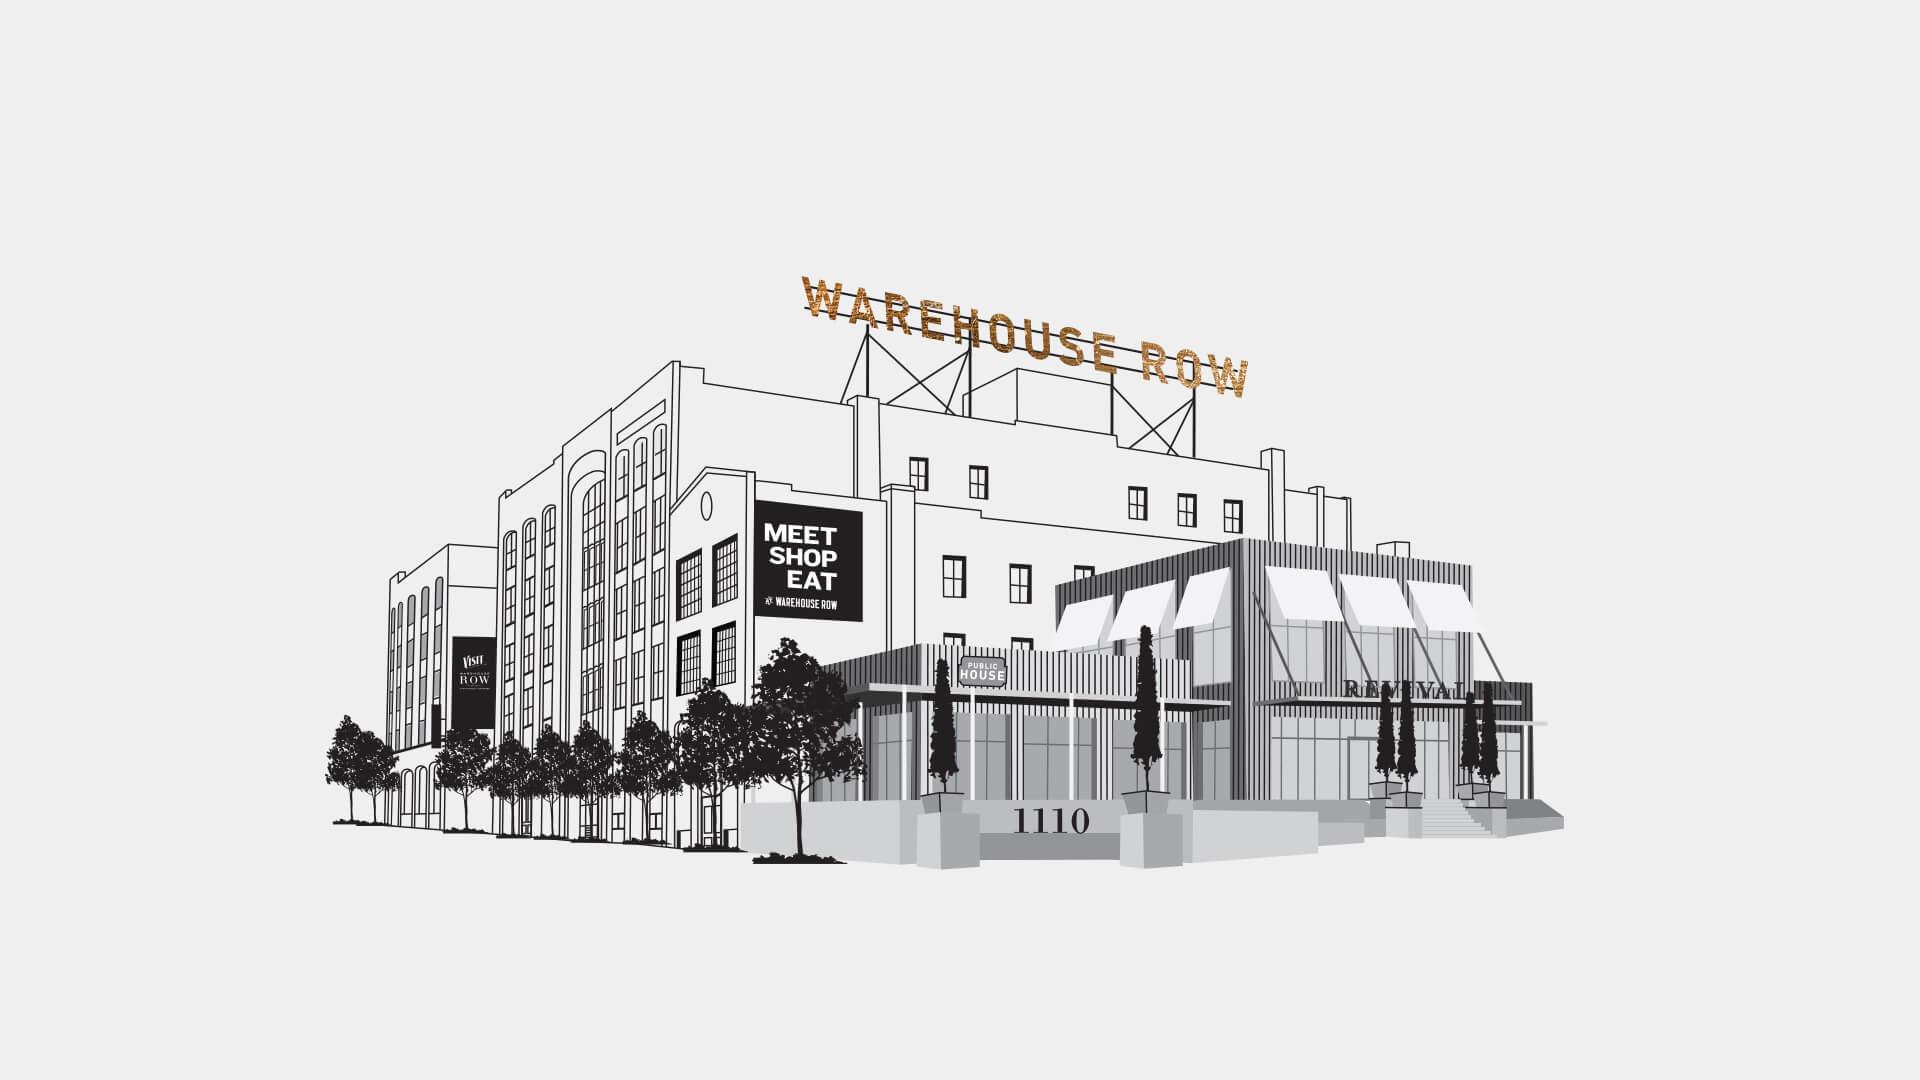 WarehouseRow-Illustration.jpg